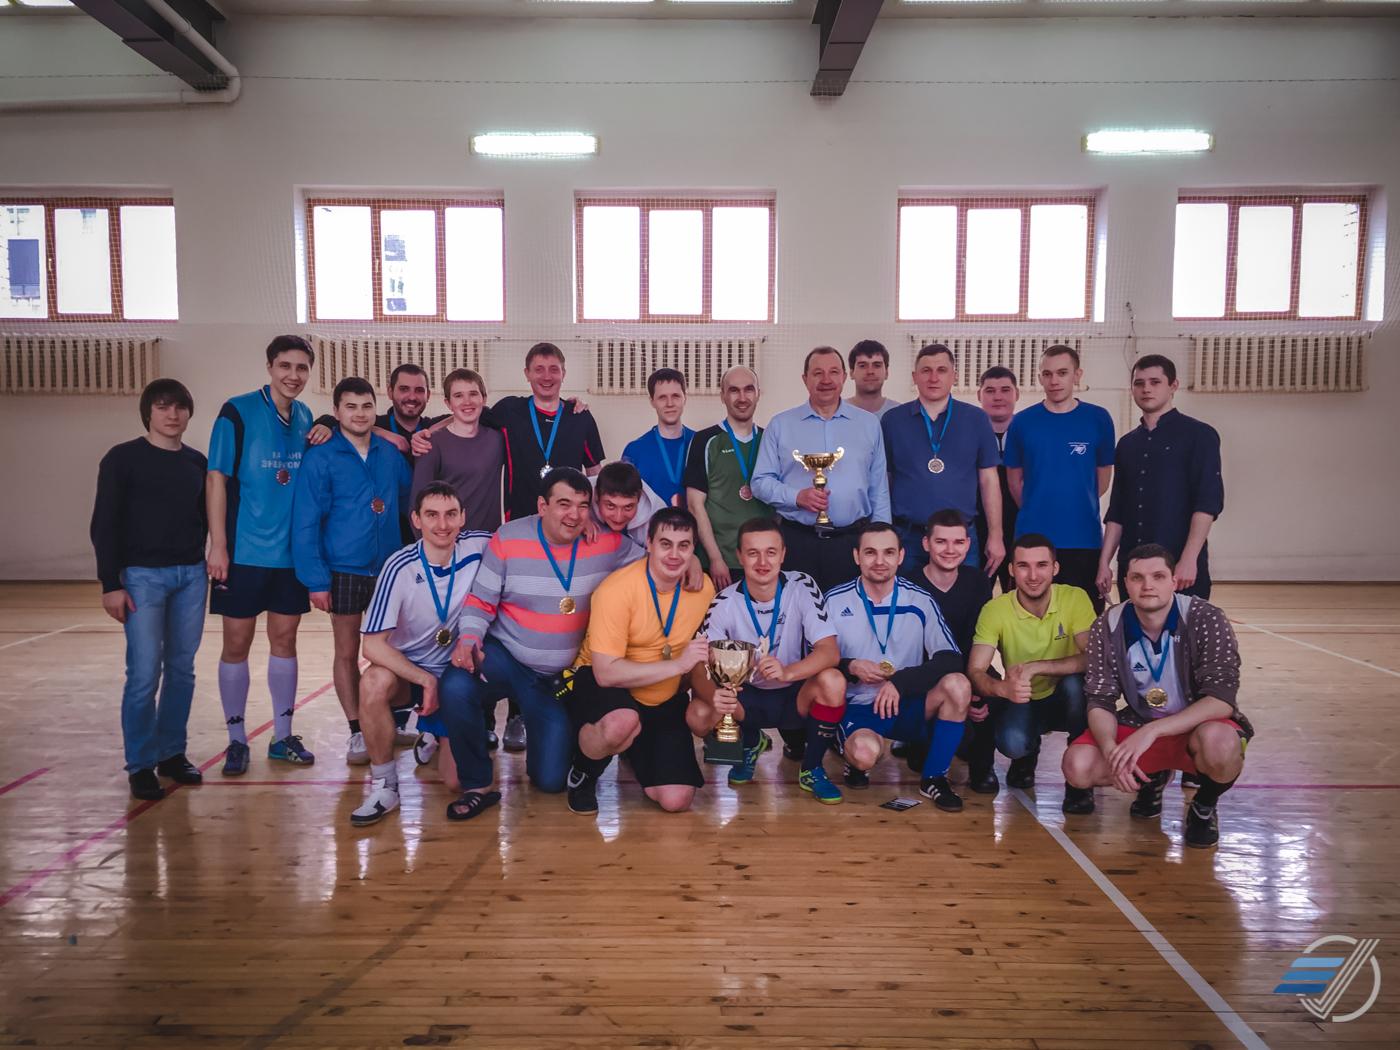 Прошел традиционный футбольный турнир. Поздравляем победителей!   29.02.2016